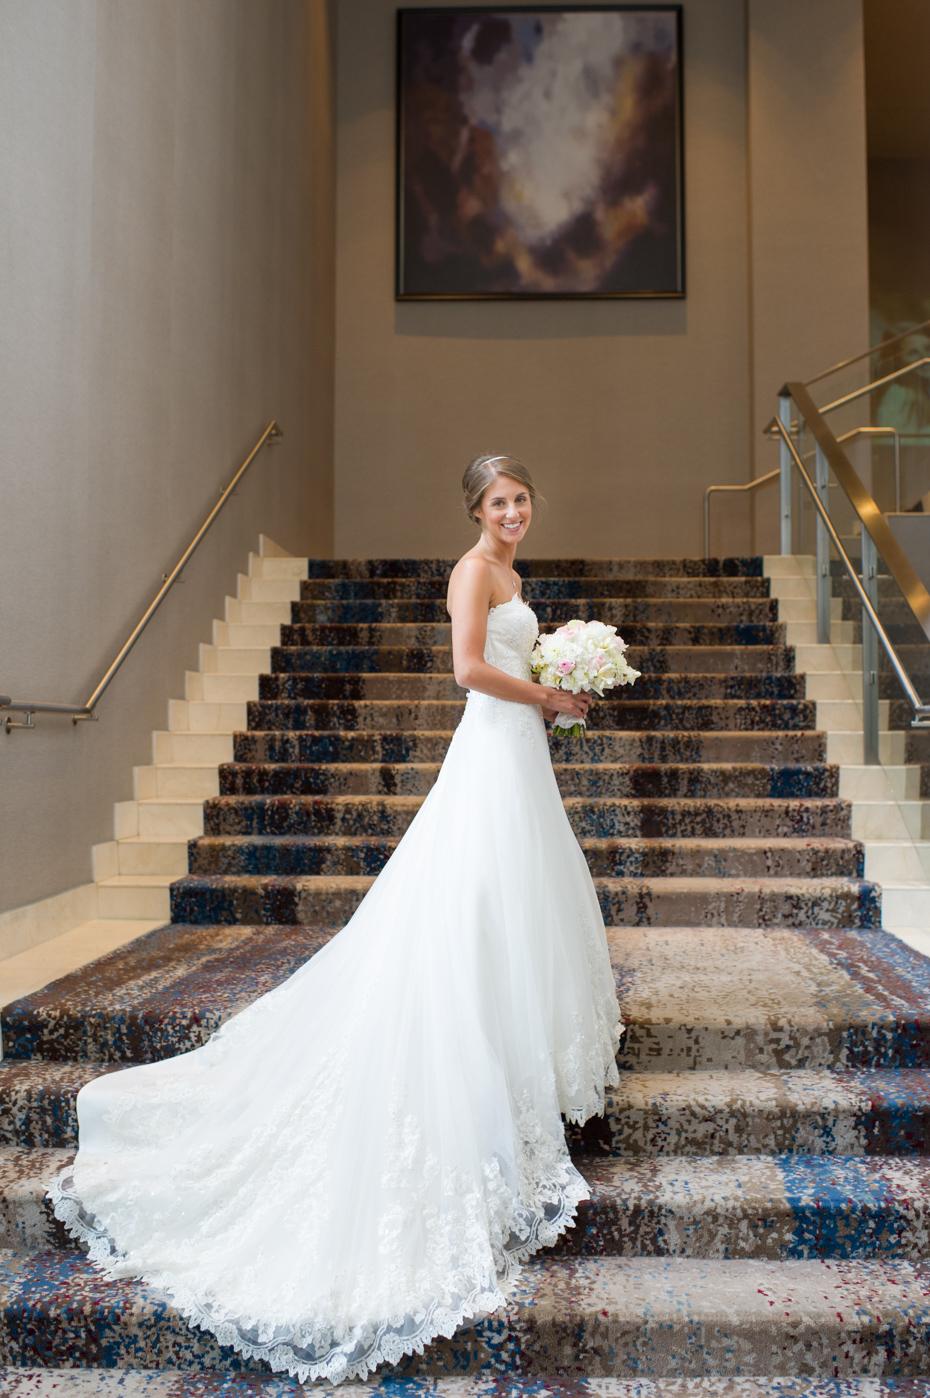 Getting married at Westin Perimeter Atlanta Hotel